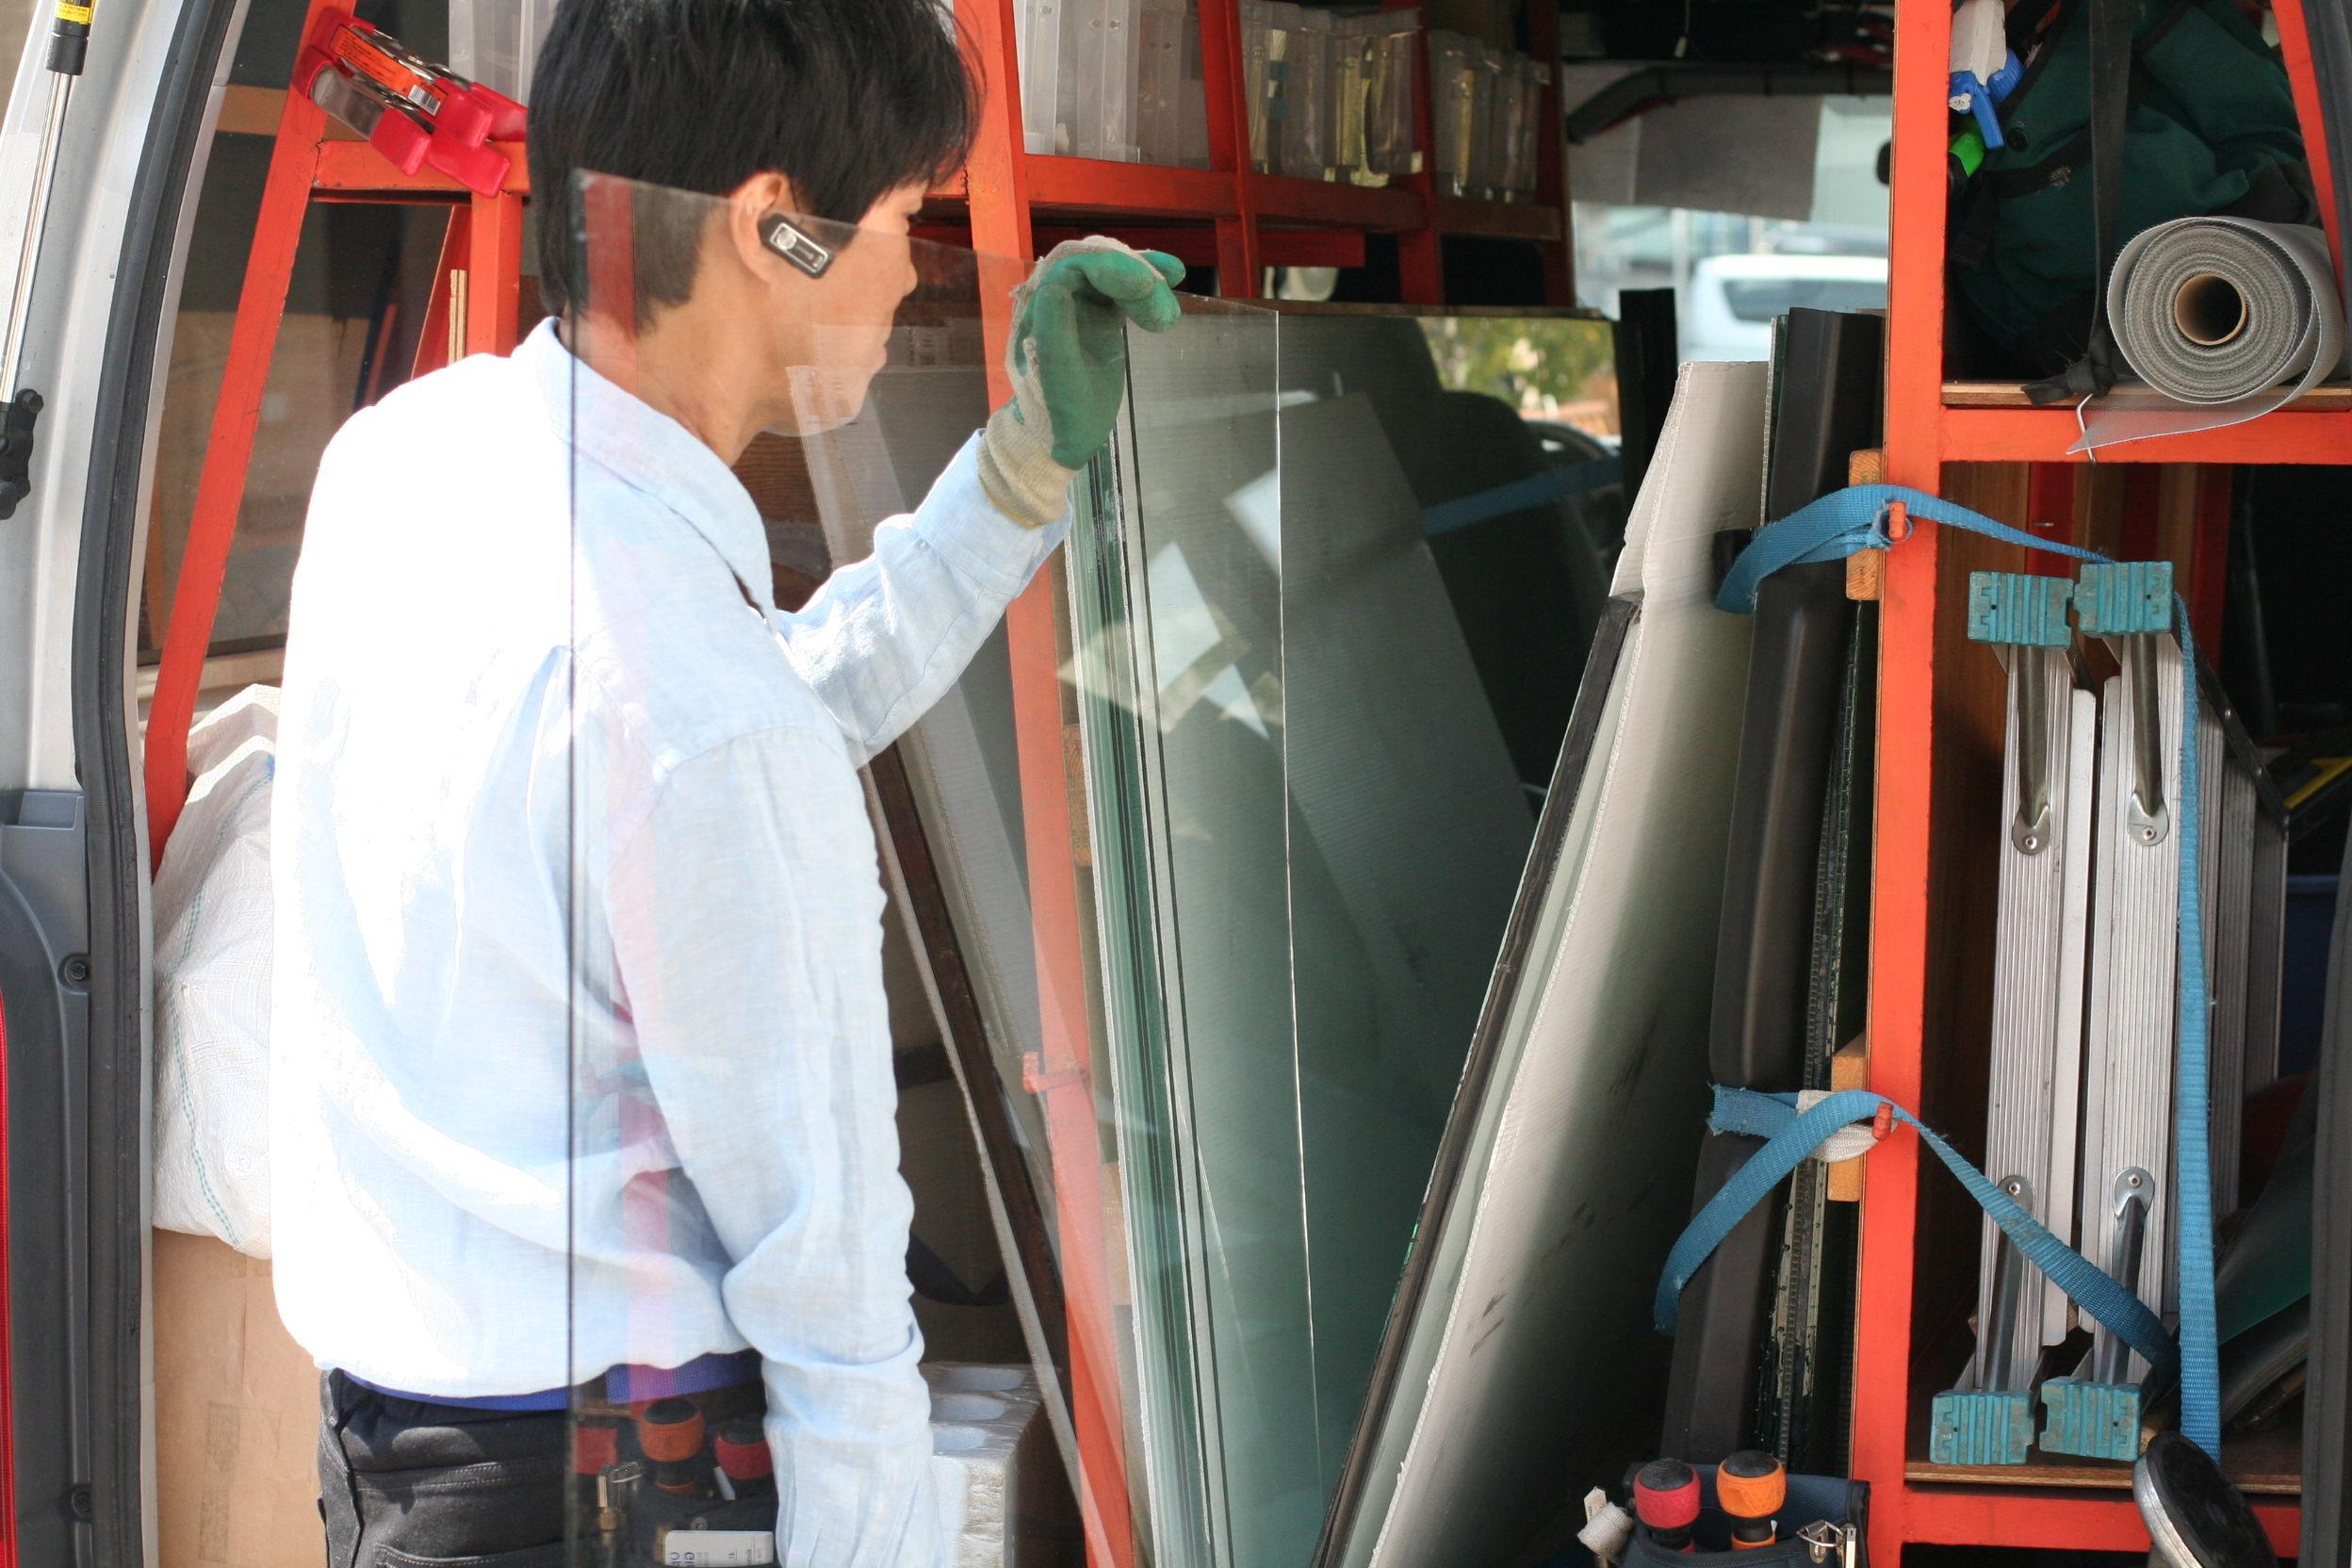 ガラスのトラブル救Q隊.24【印西市 出張エリア】の店内・外観画像2